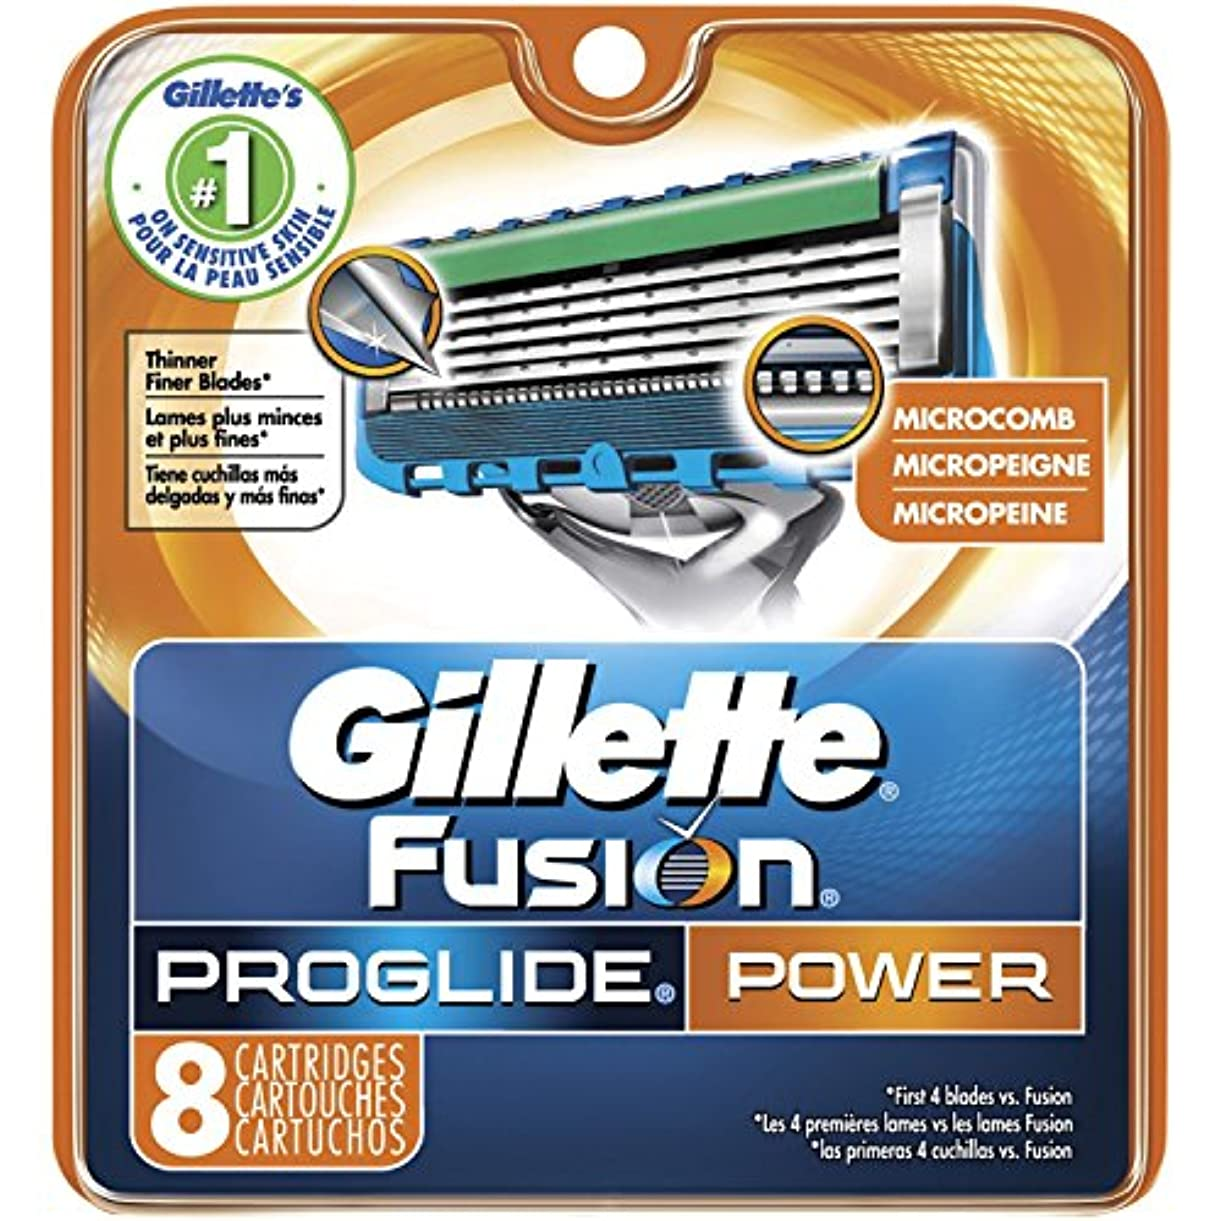 かるレッスン誓約Gillette Fusion PROGLIDE POWER Razor Blades Refills ドイツ8パック製 [並行輸入品]